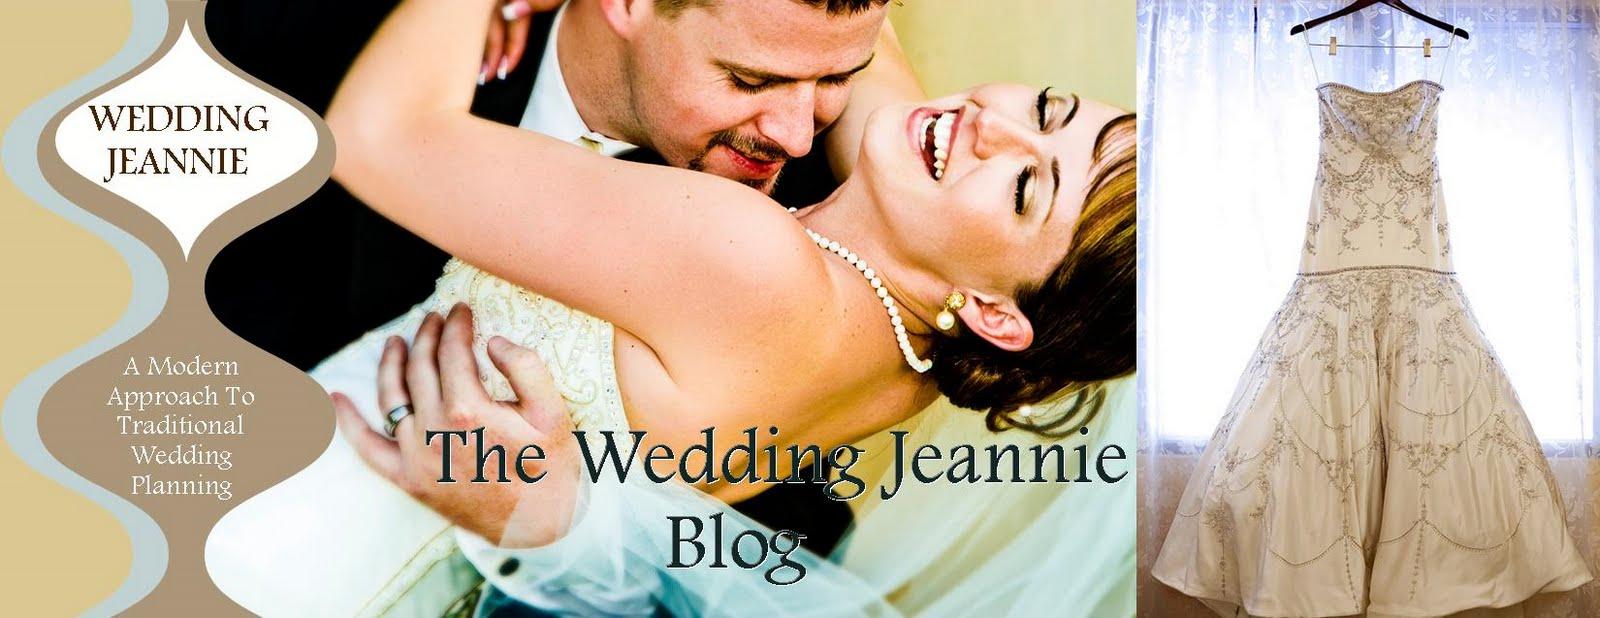 Wedding Jeannie Blog